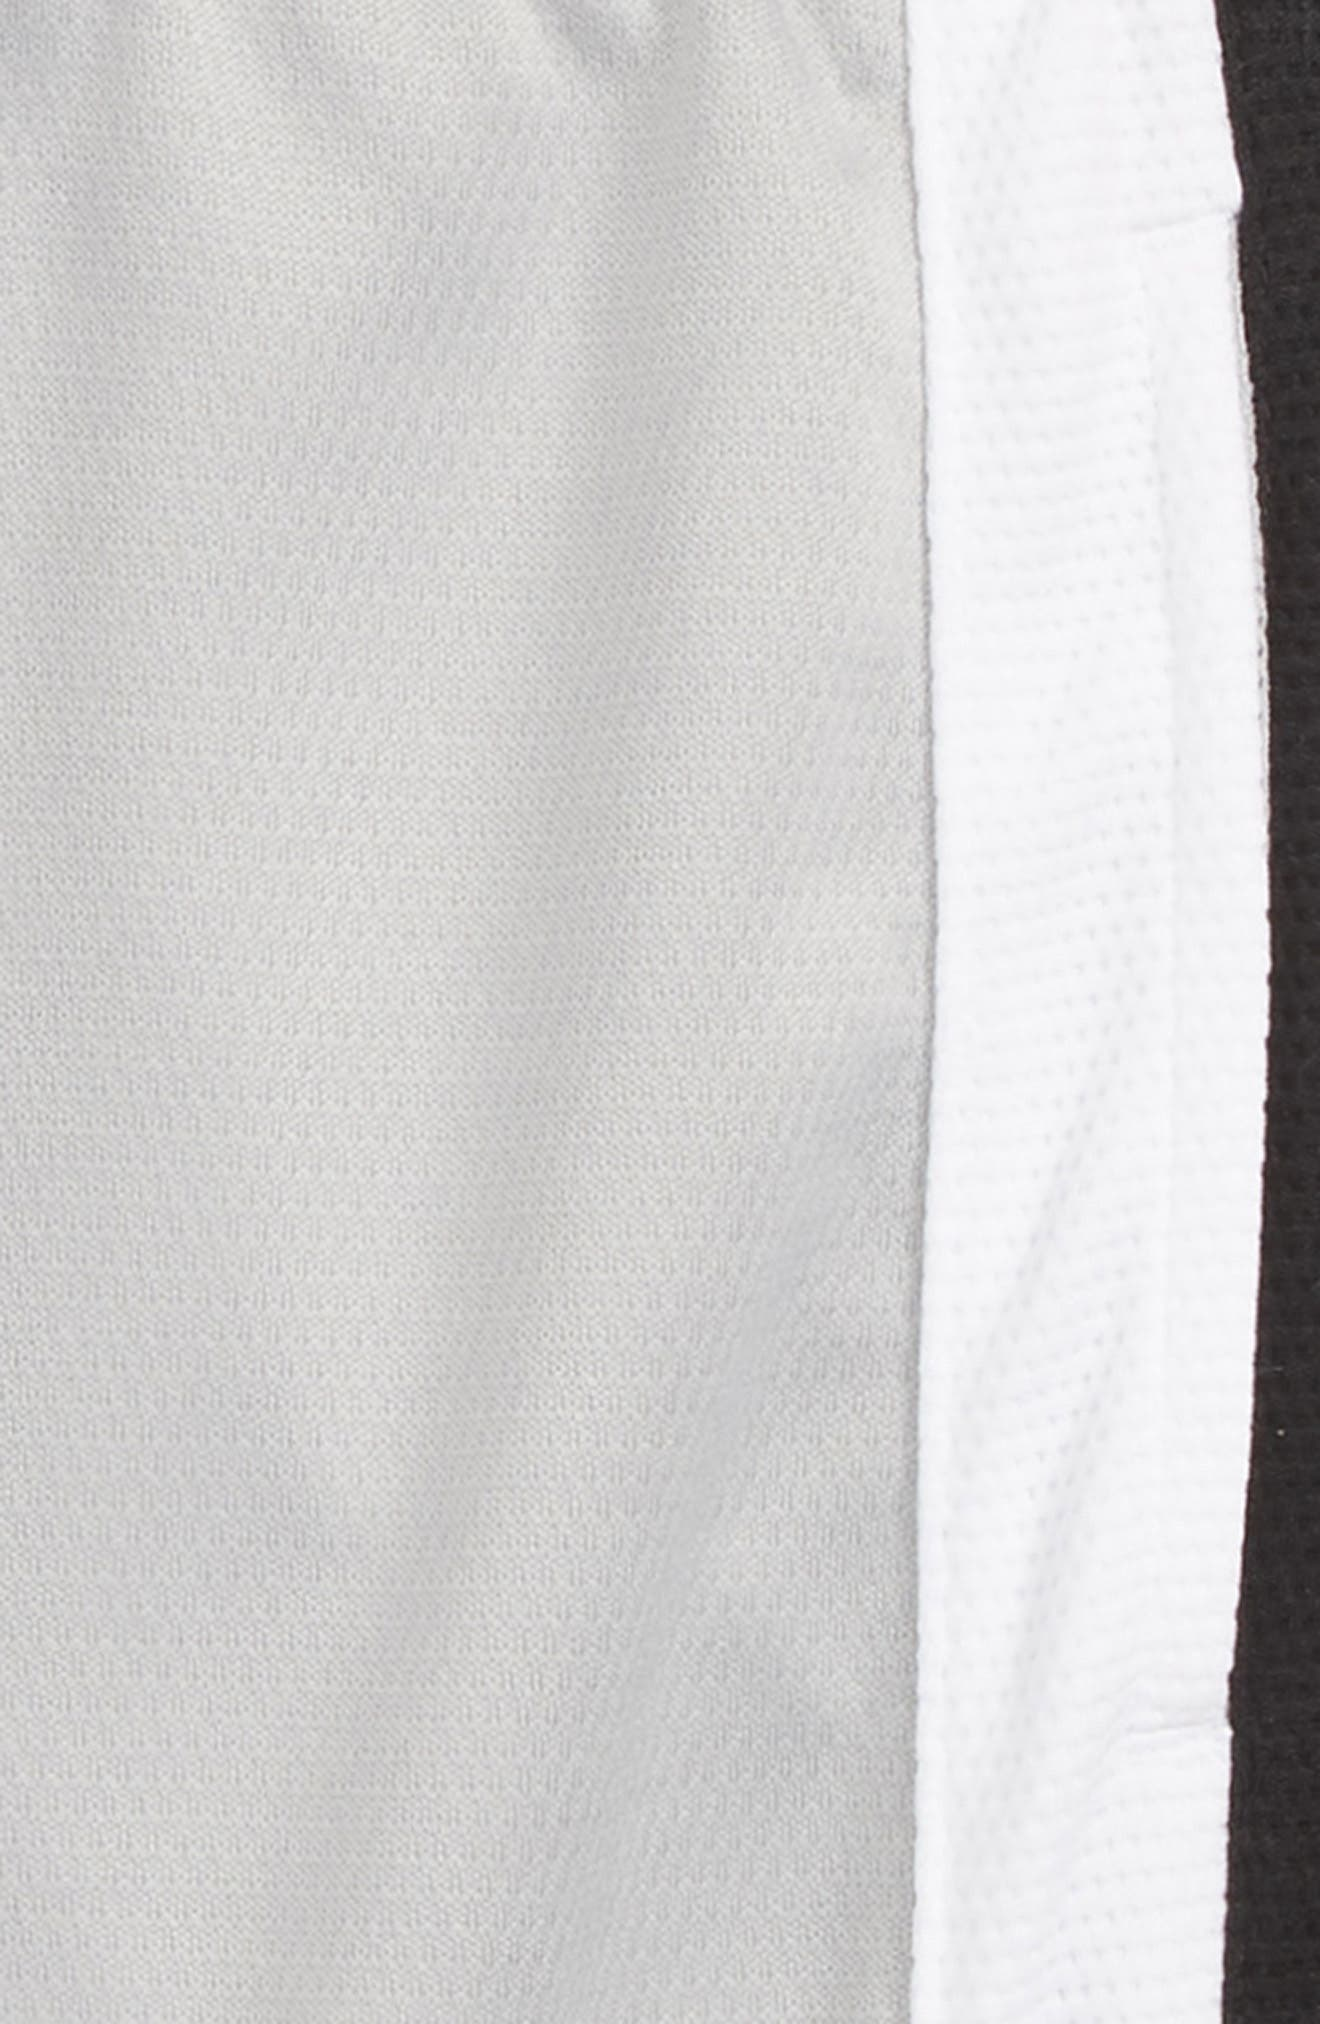 Jordan Rise Athletic Shorts,                             Alternate thumbnail 2, color,                             LIGHT SMOKE GREY